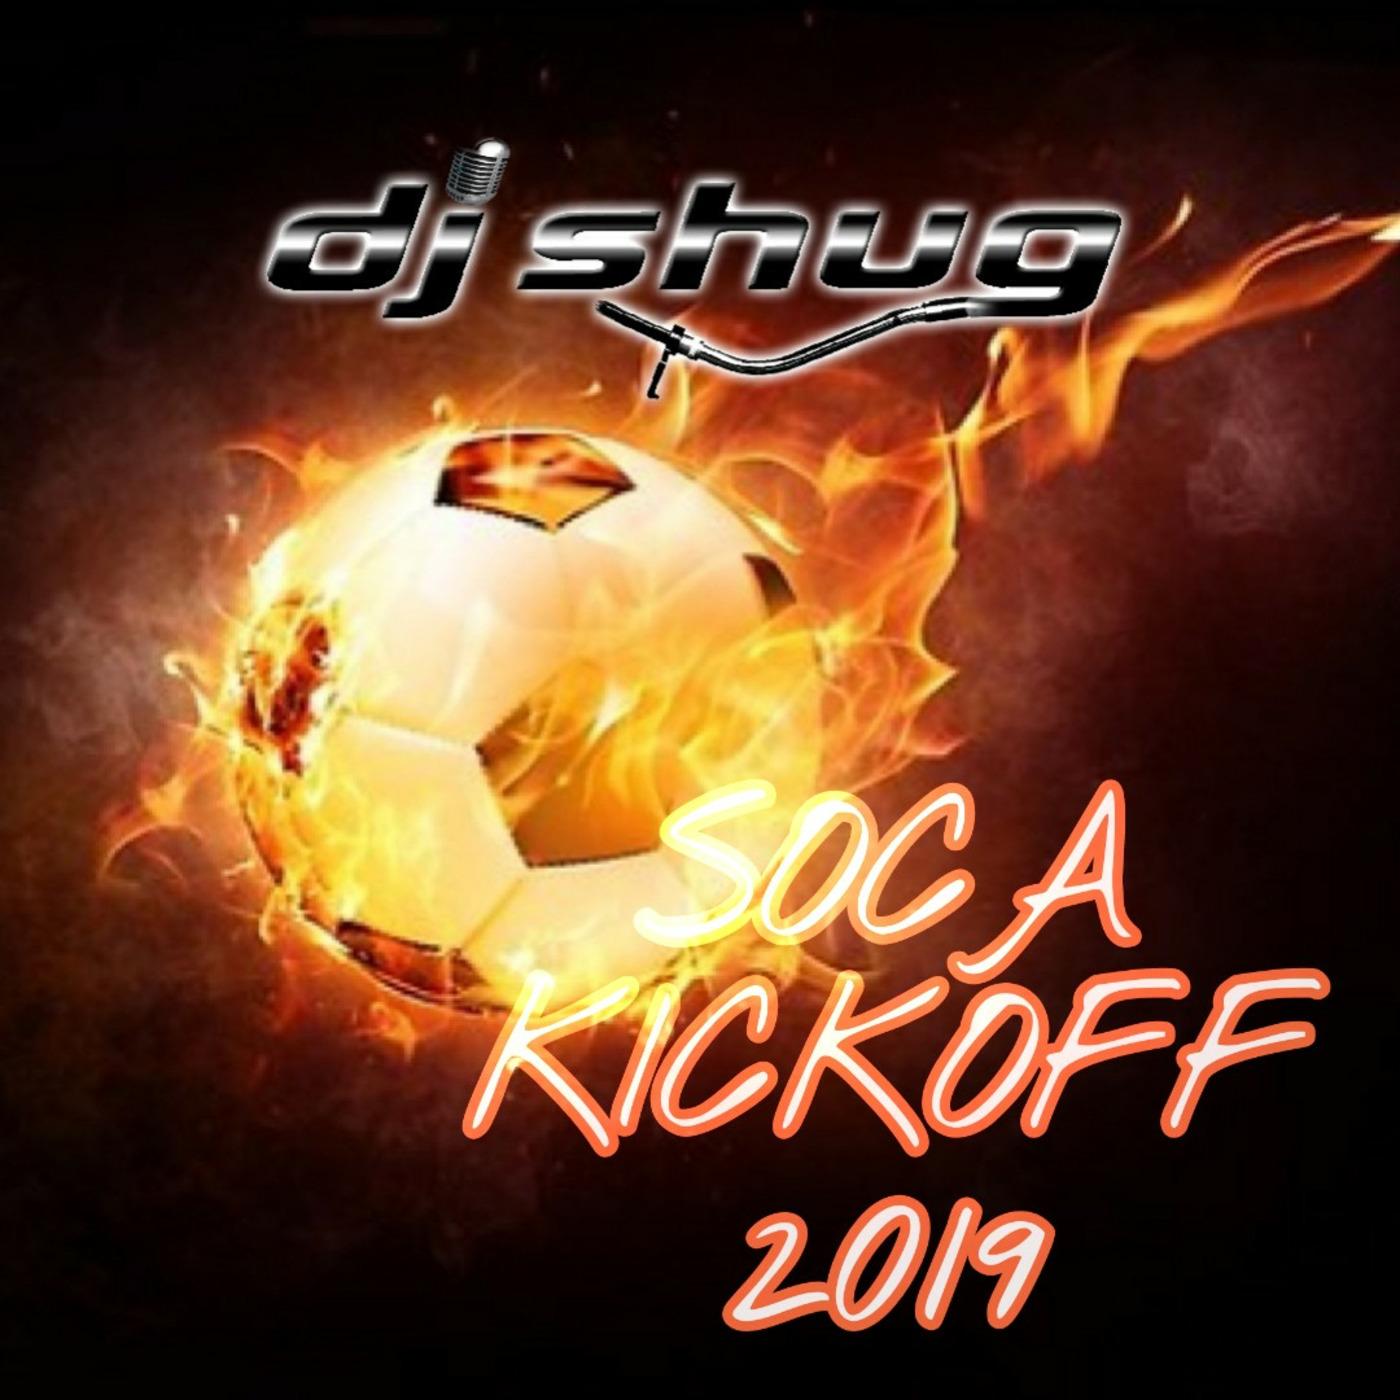 DJ Shug Soca KickOff 2019 Mix DJ SHUG's podcast